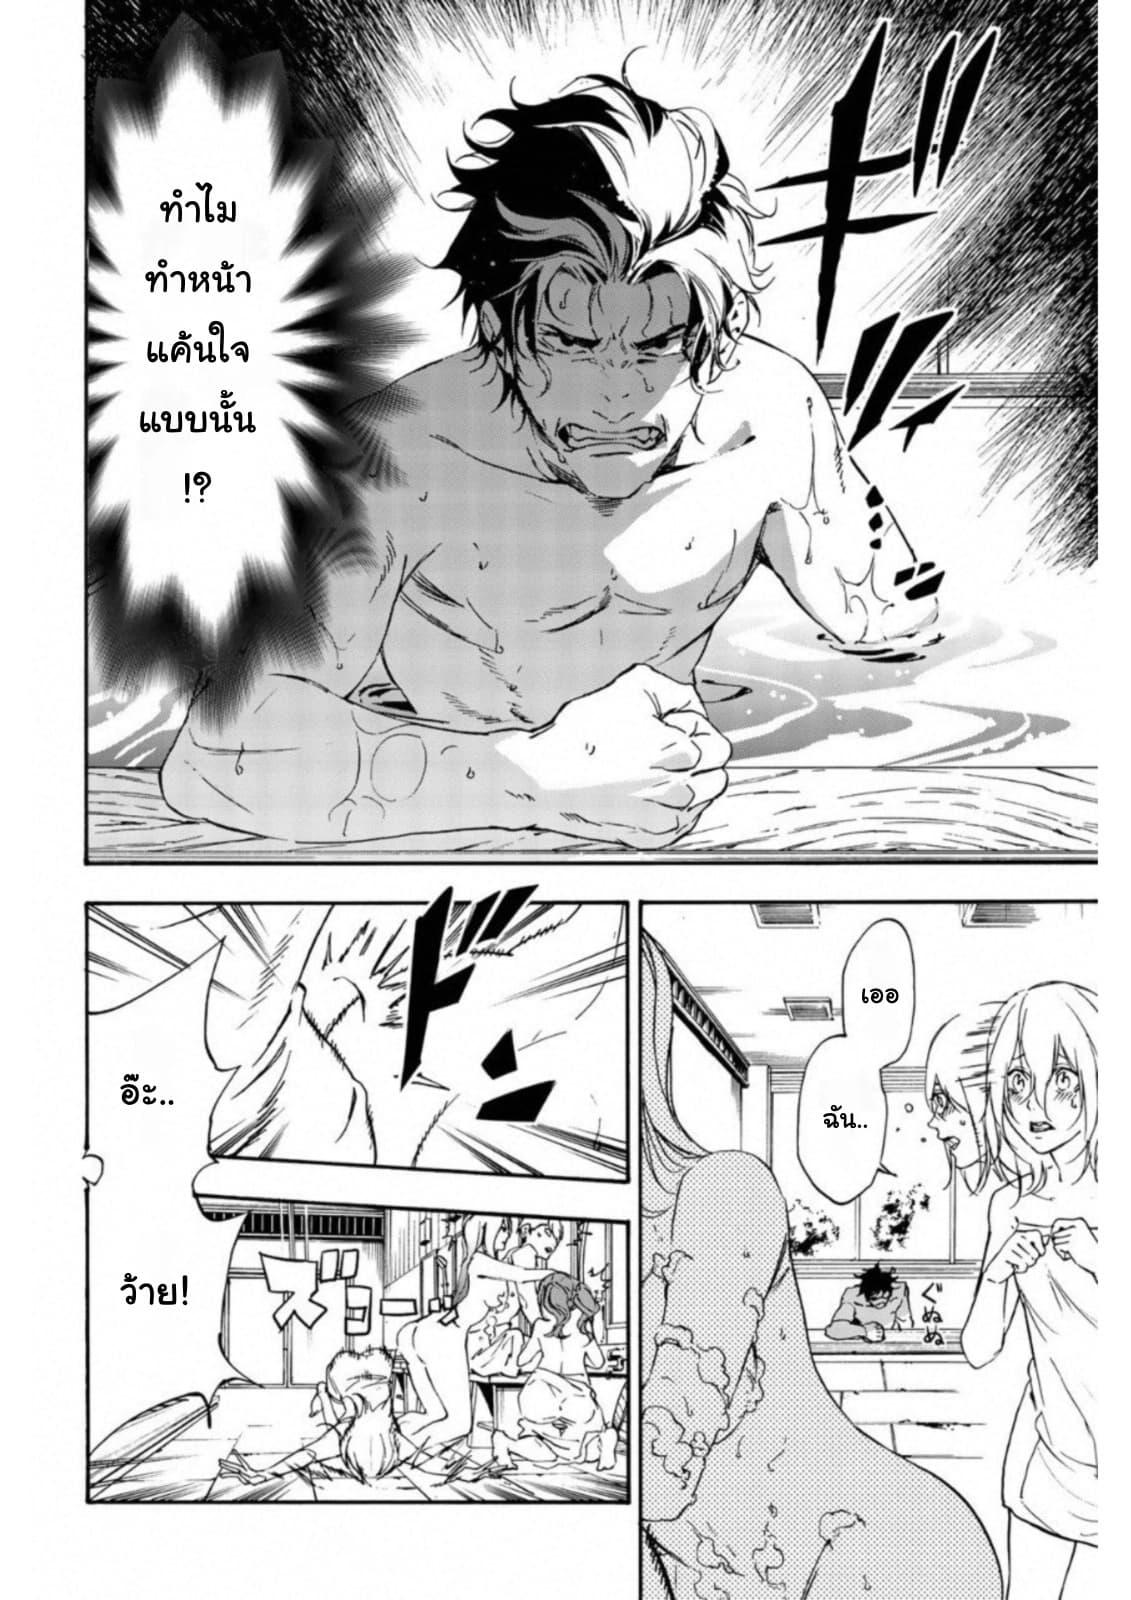 อ่านการ์ตูน Zetsubou no Rakuen ตอนที่ 10 หน้าที่ 4